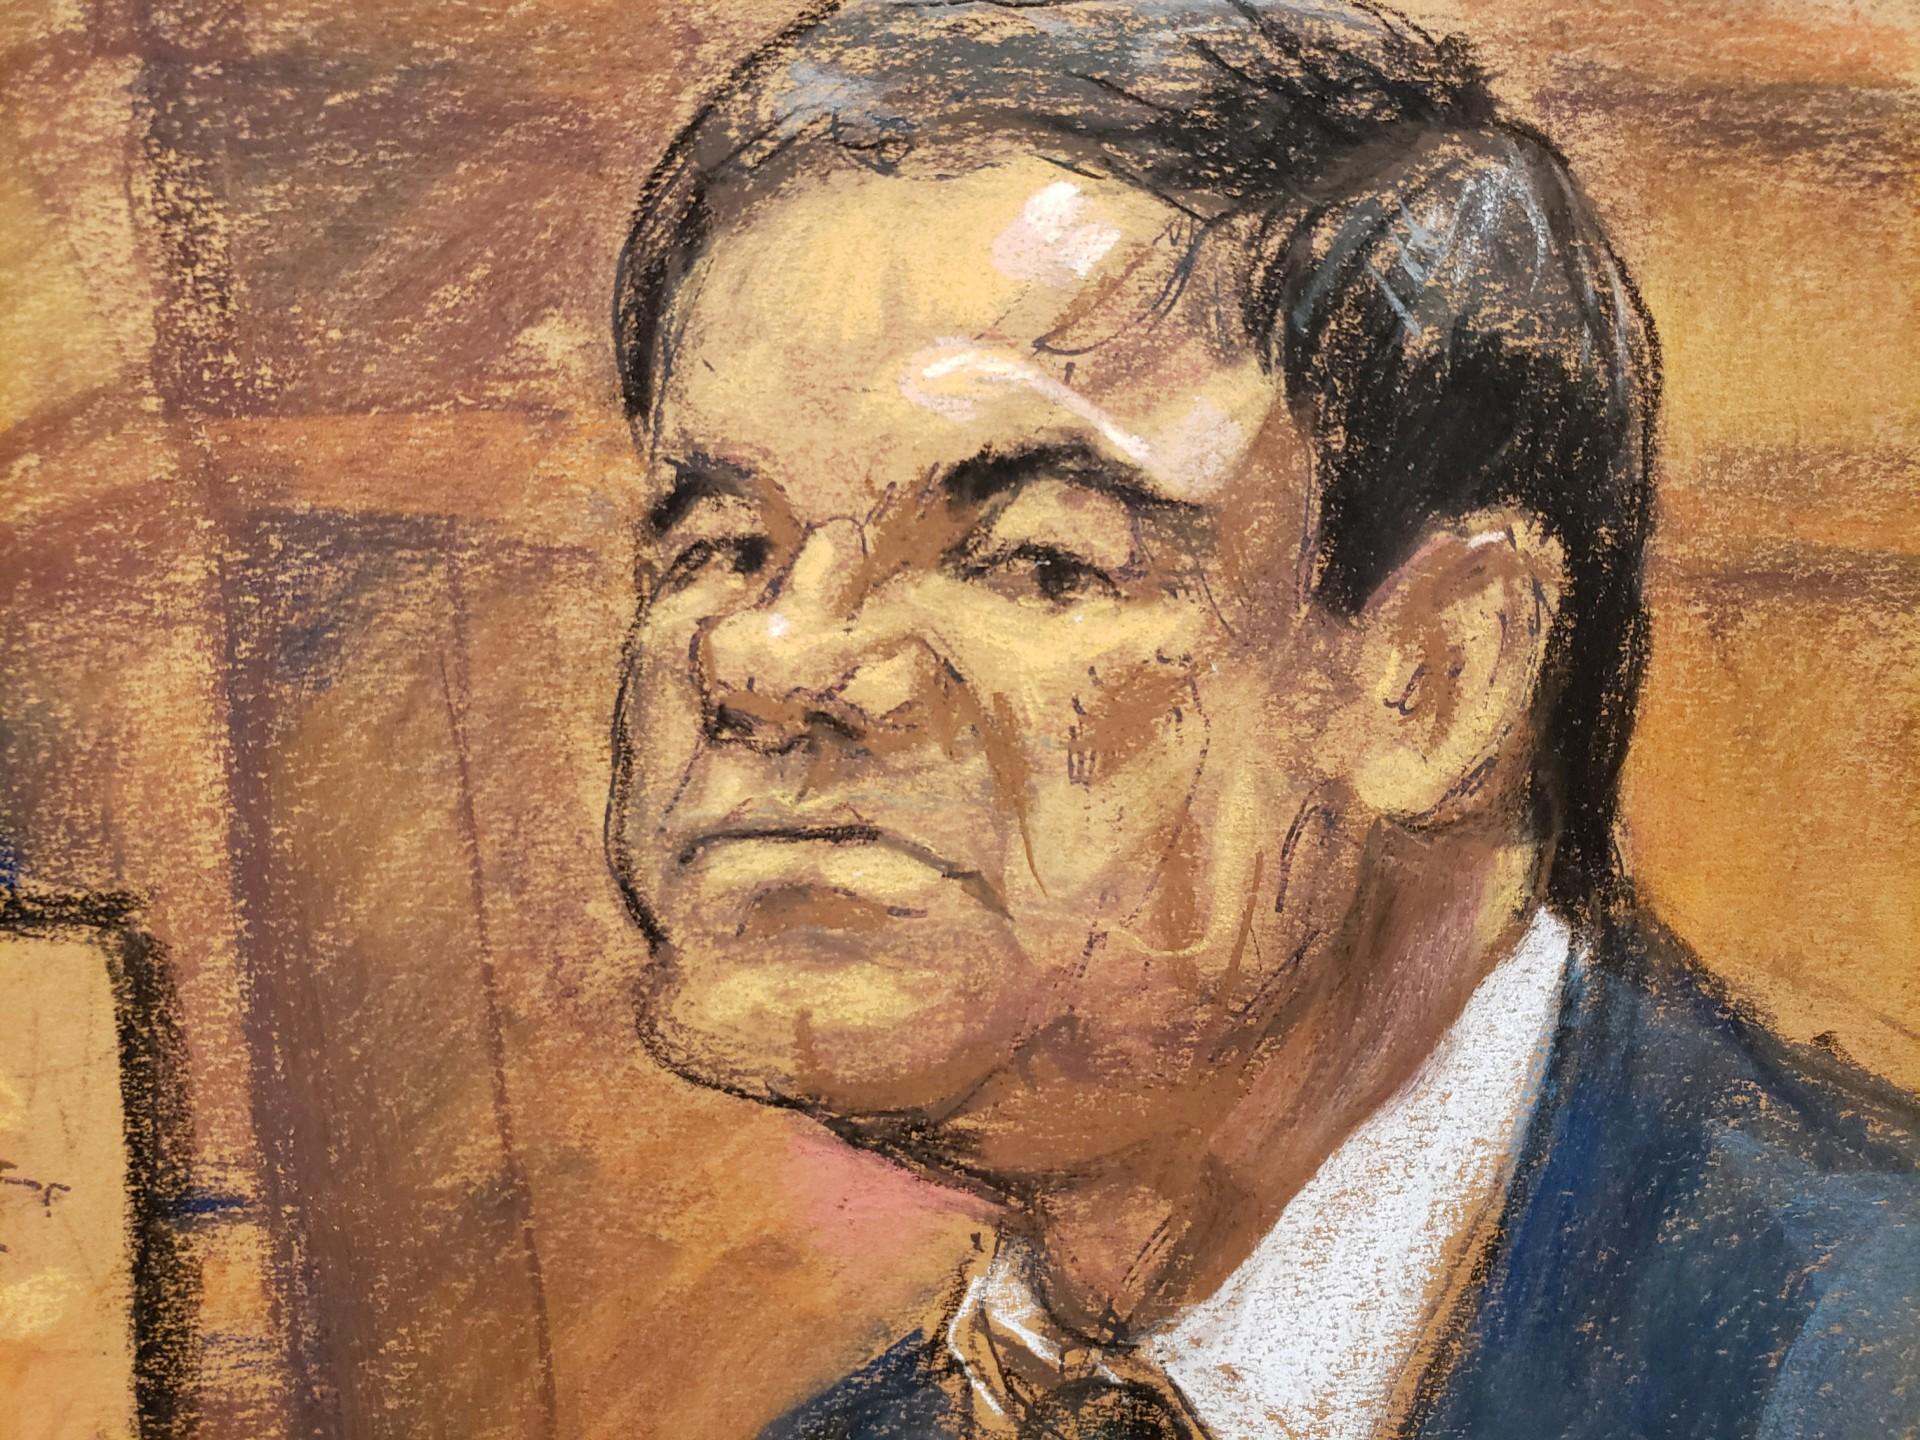 Guzmán no dejaba de ver al testigo (Foto: REUTERS/Jane Rosenberg)